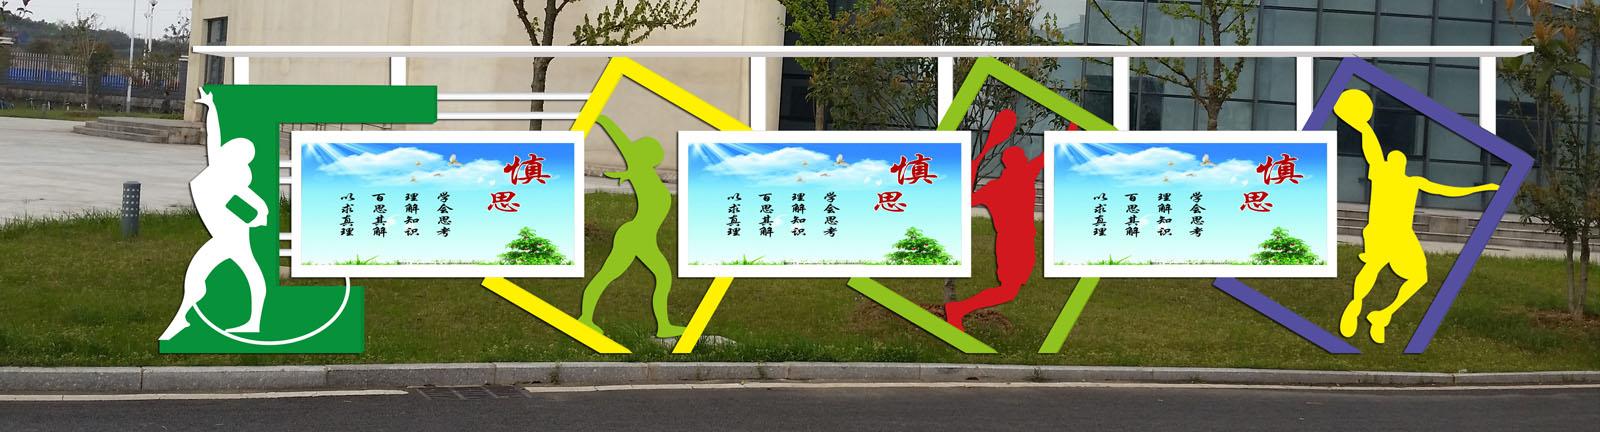 云浮公交候车亭